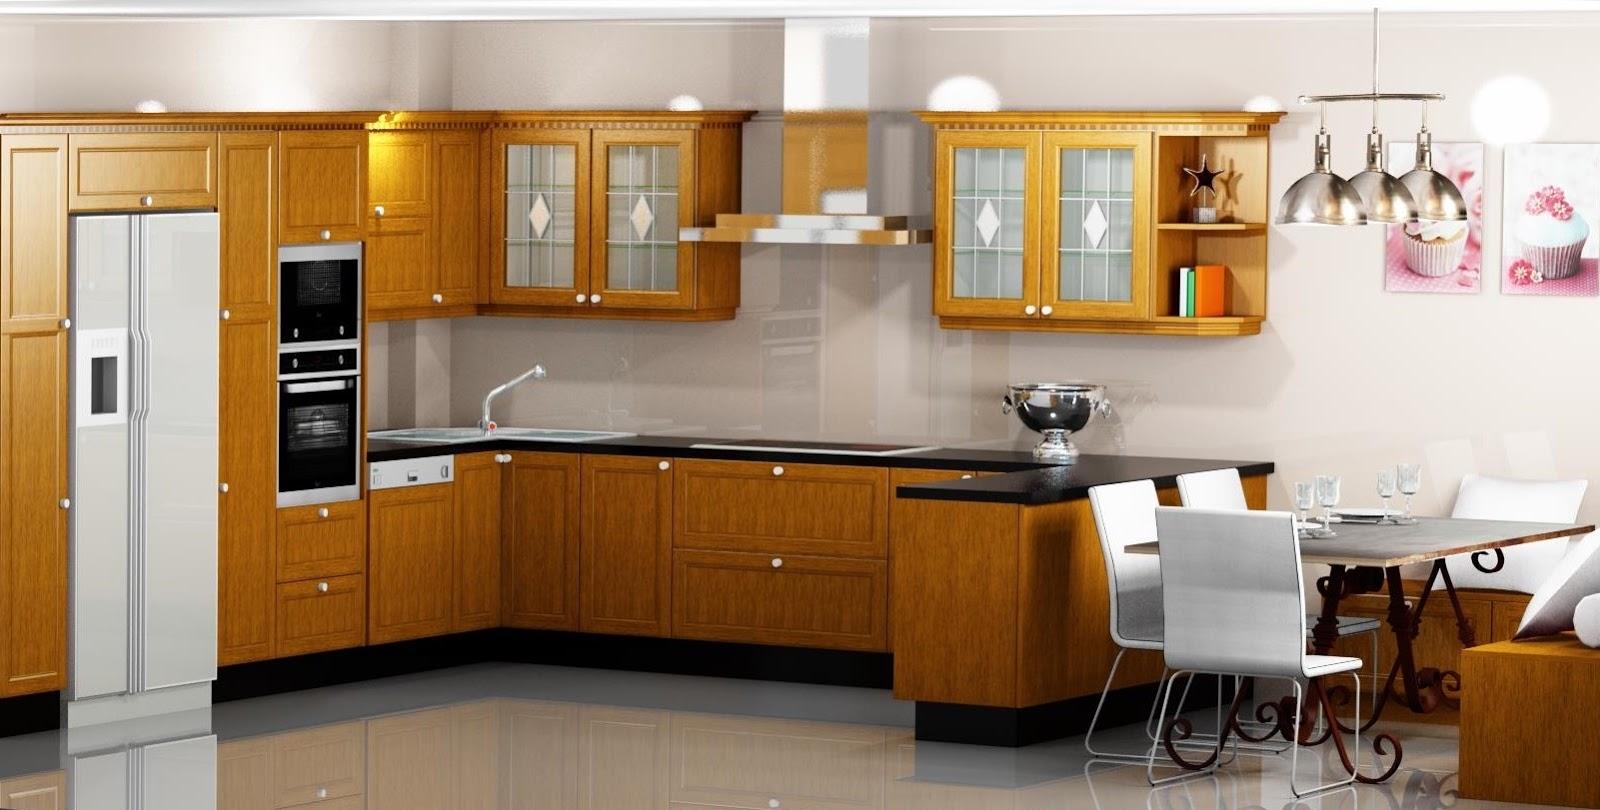 Proyectos Y M S # Muebles De Cocina De Madera